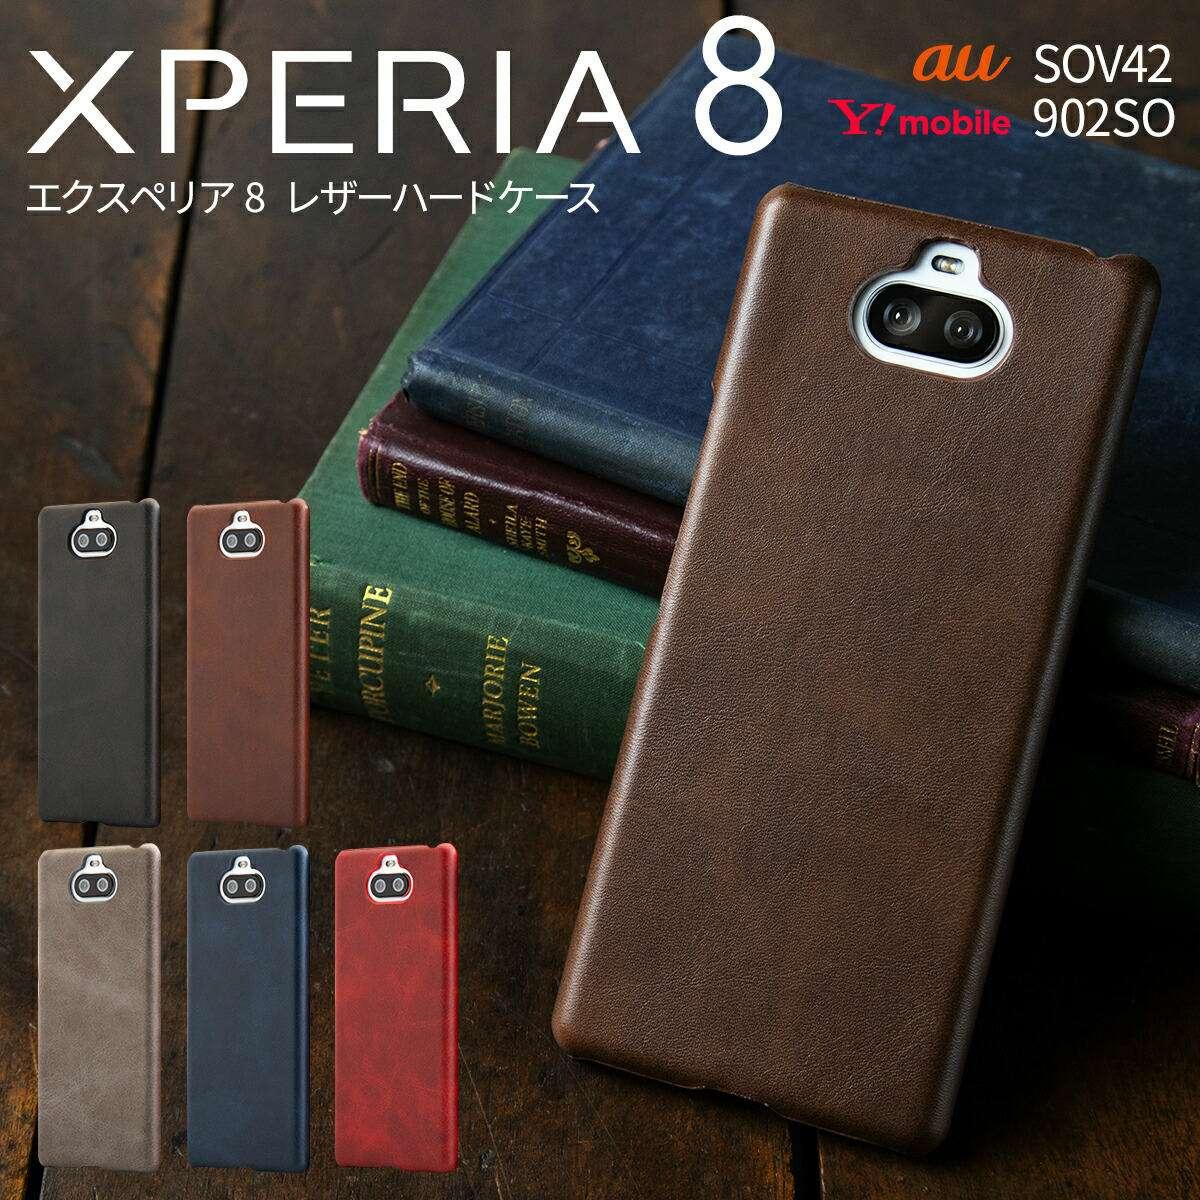 メール便送料無料 Xperia 8 SOV42 902SO レザーハードケース スマホケース 韓国 lite ケース スマートフォン 人気 おしゃれ かっこいい おすすめ カバー エクスペリア8 超人気 革 激安卸販売新品 スマホ J3273